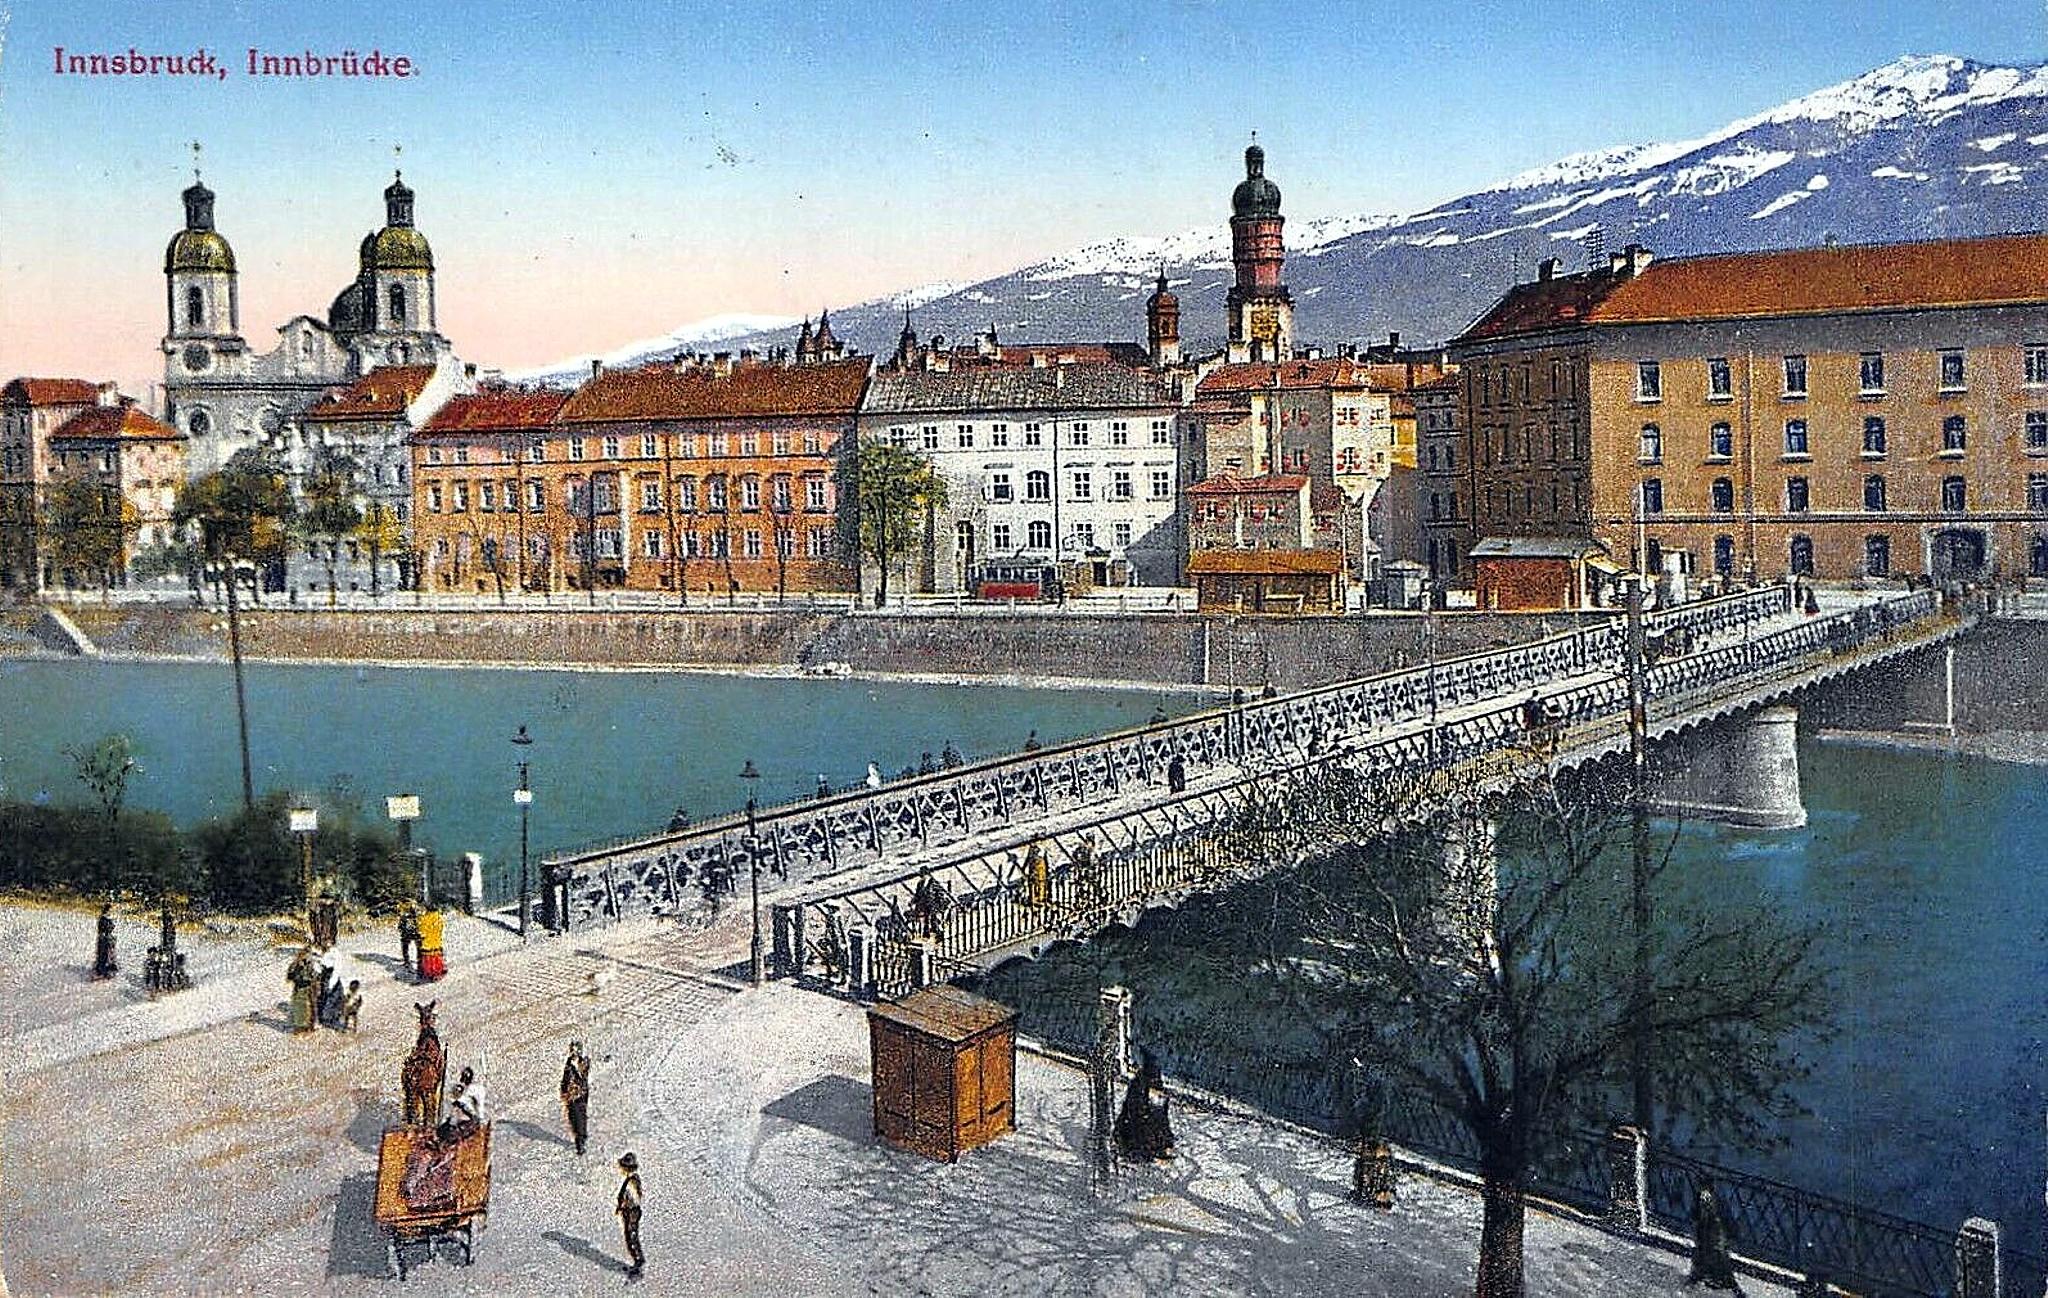 Innsbruck 1900, Innbrücke